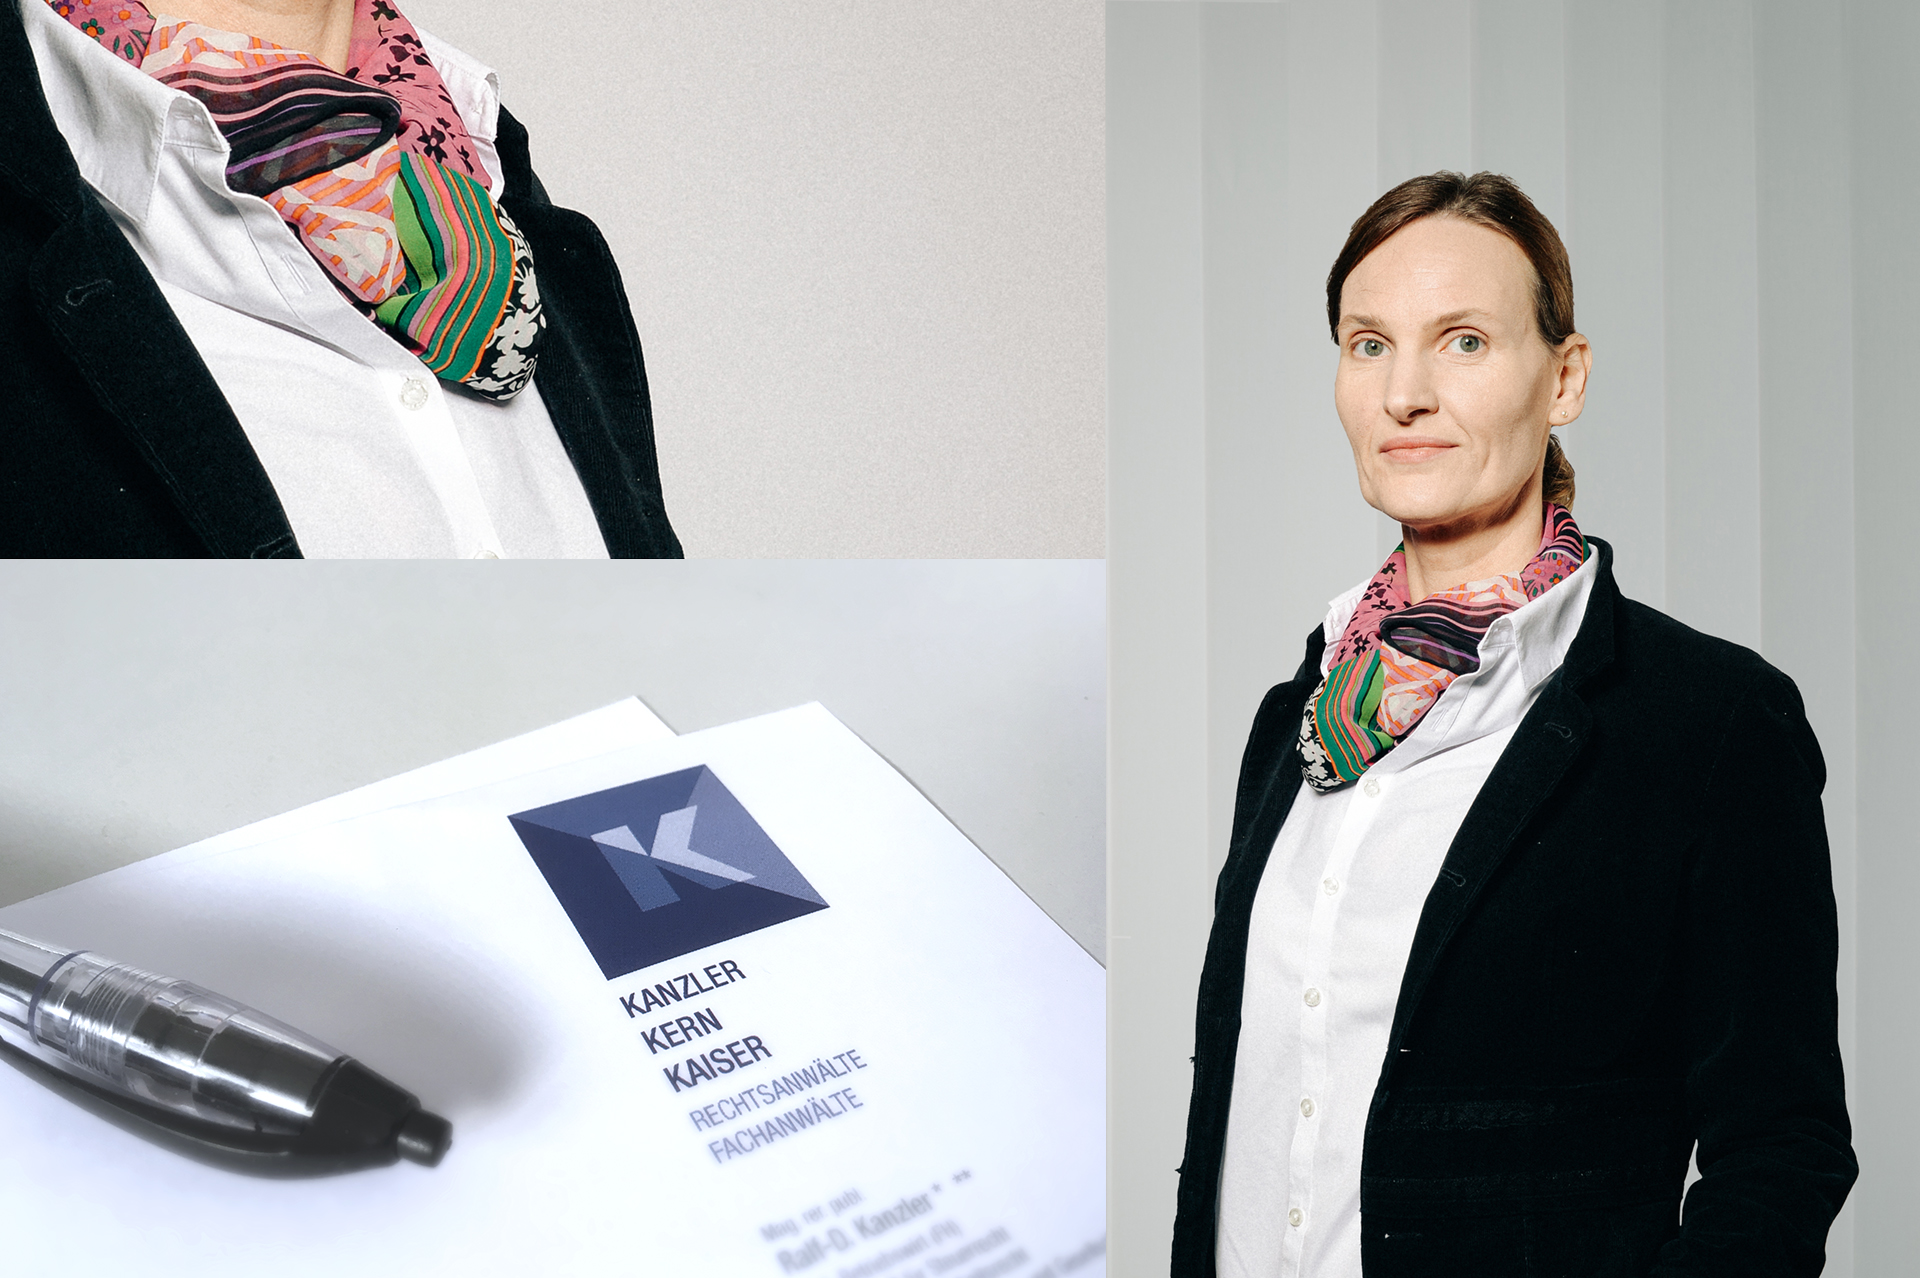 _KKK_Mitarbeiter-06-Frau_Hunzinger.jpg